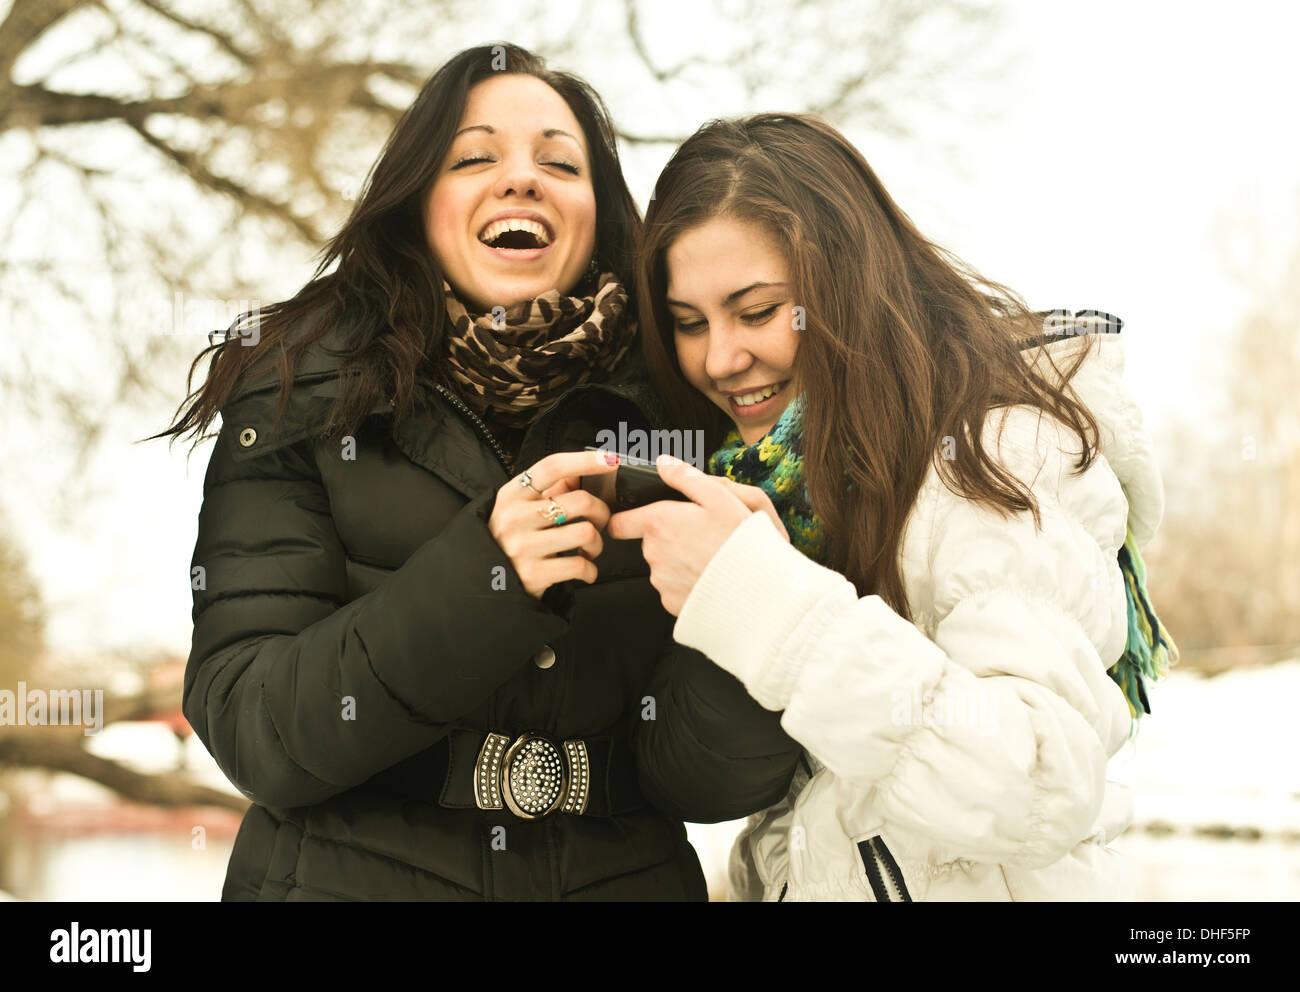 Zwei junge Frauen lachen über Handy im Park im winter Stockbild